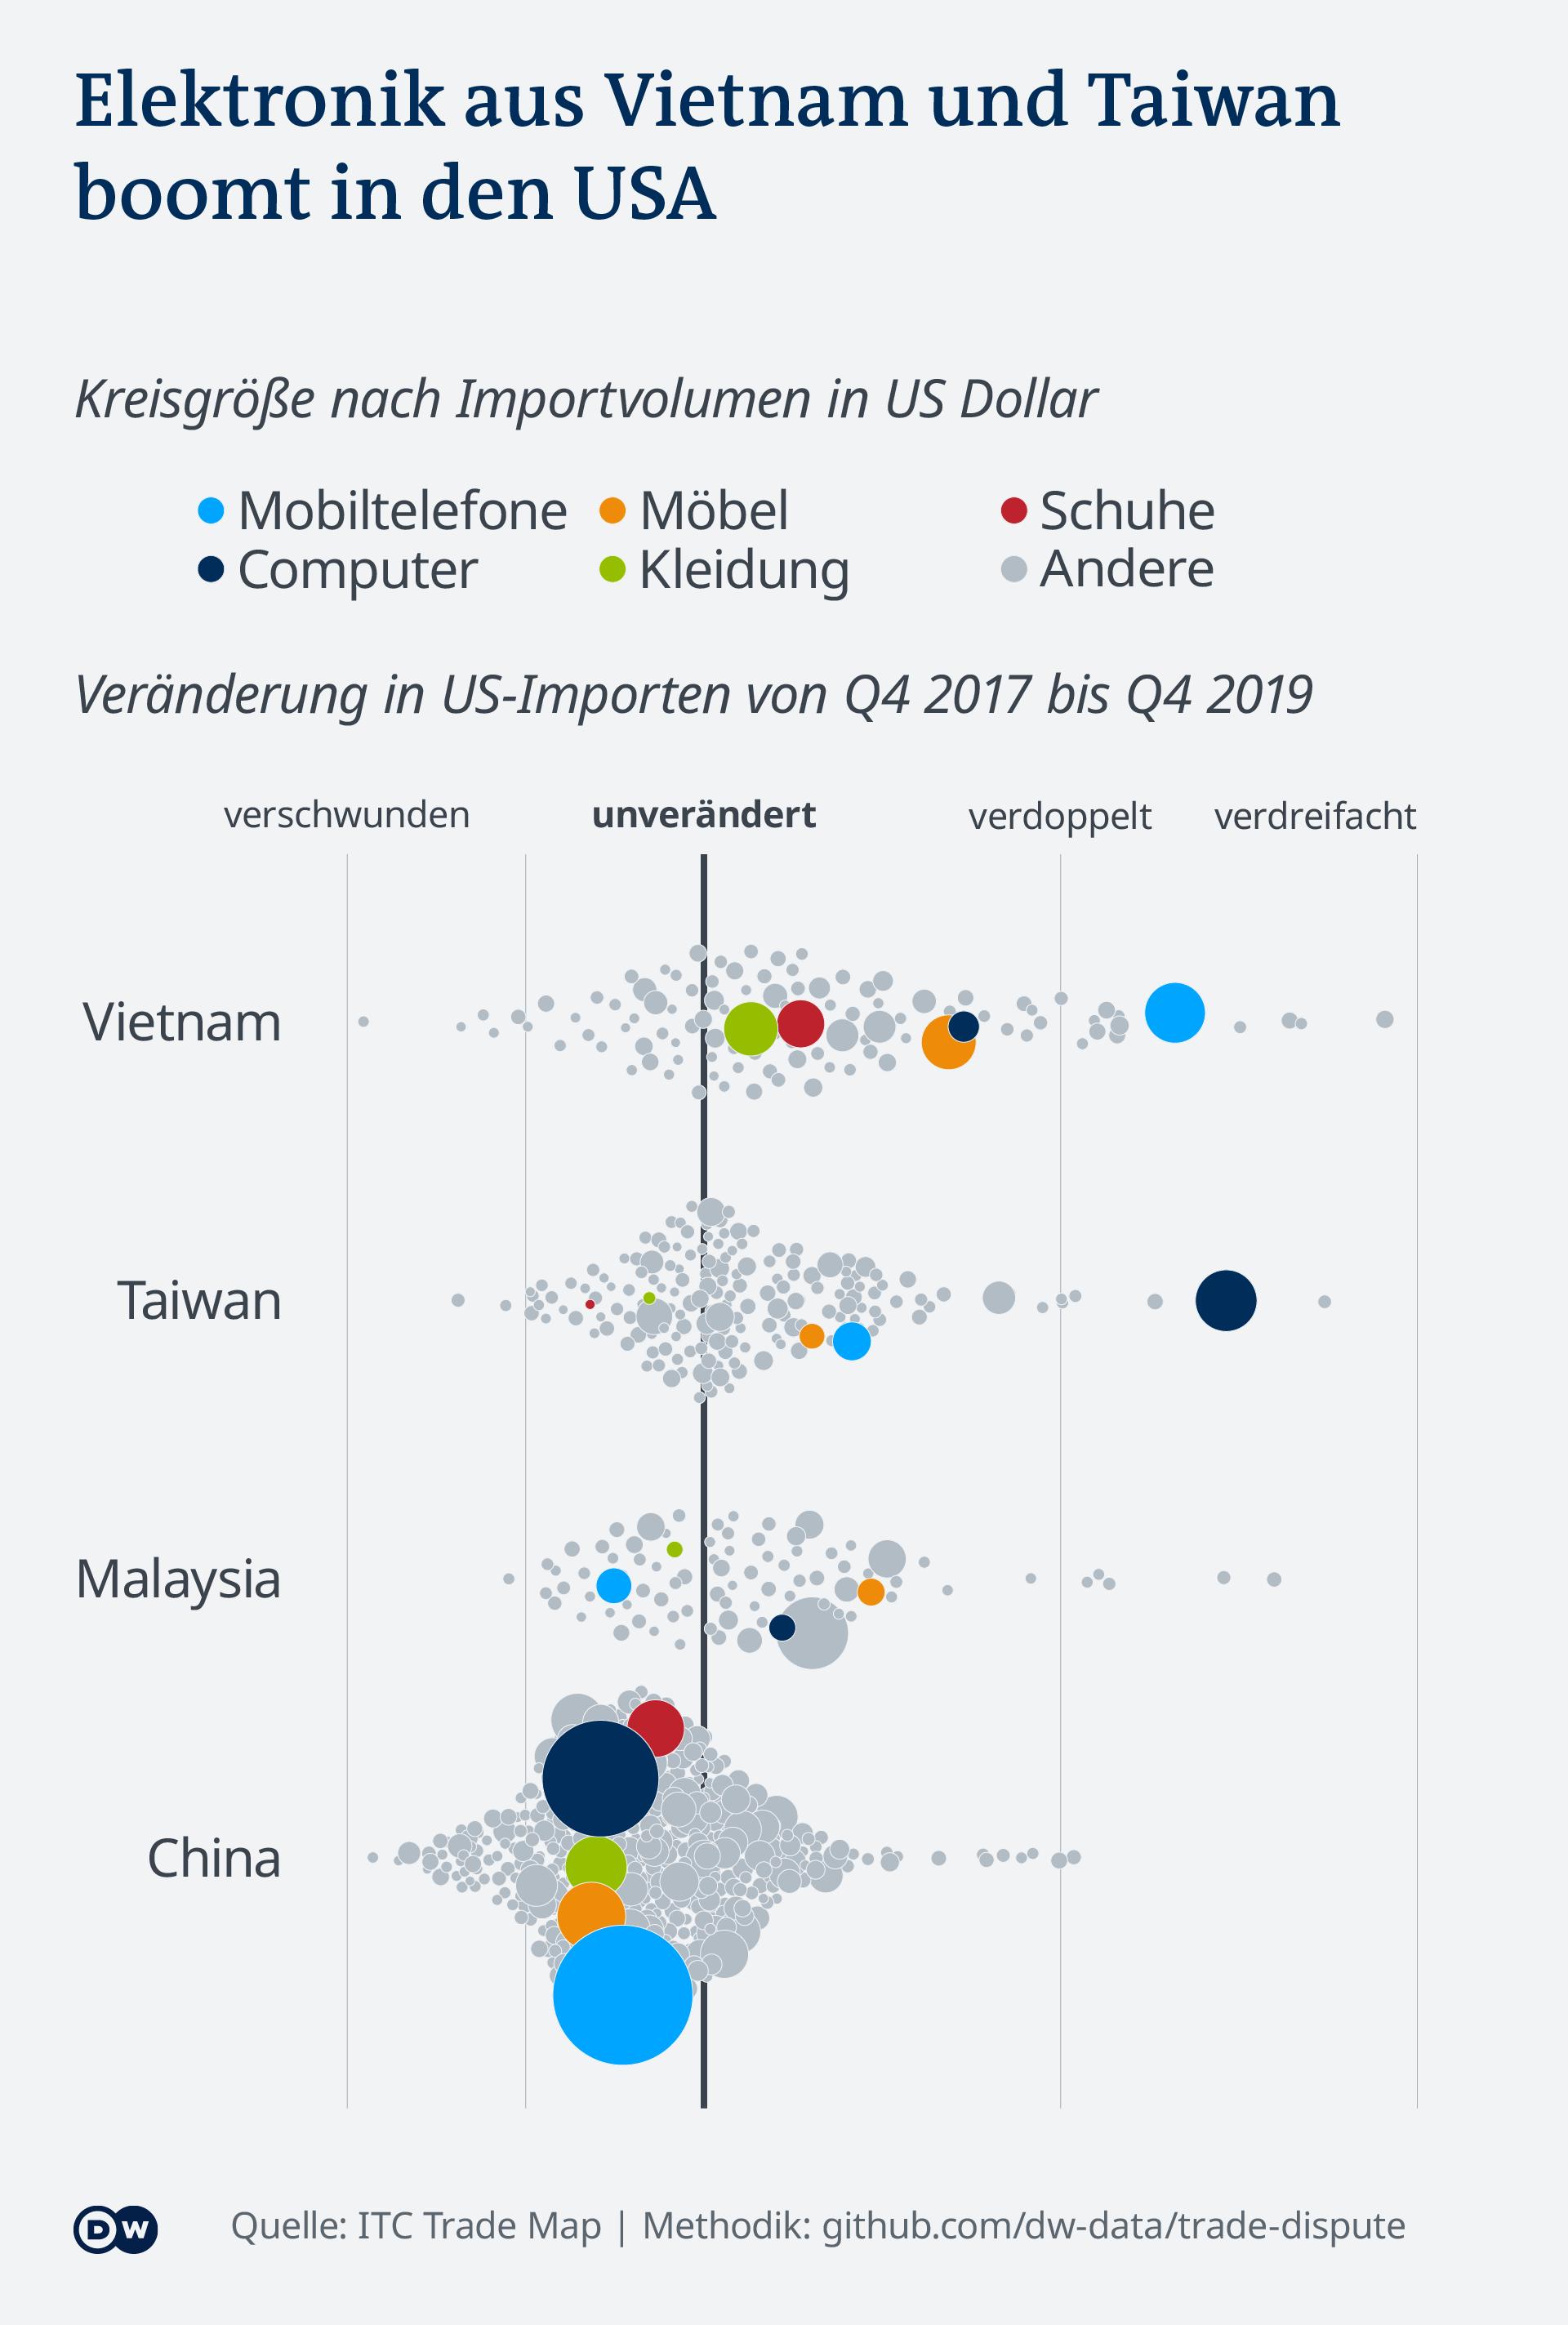 Datenvisualisierung Handelsstreit USA China - Importe nach Produkt-Klassen